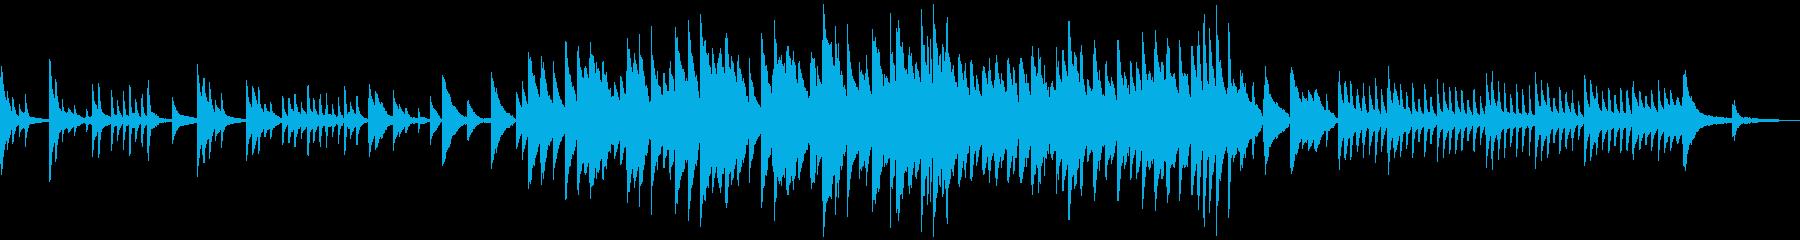 ゆったり時間が過ぎていく和風なBGMの再生済みの波形